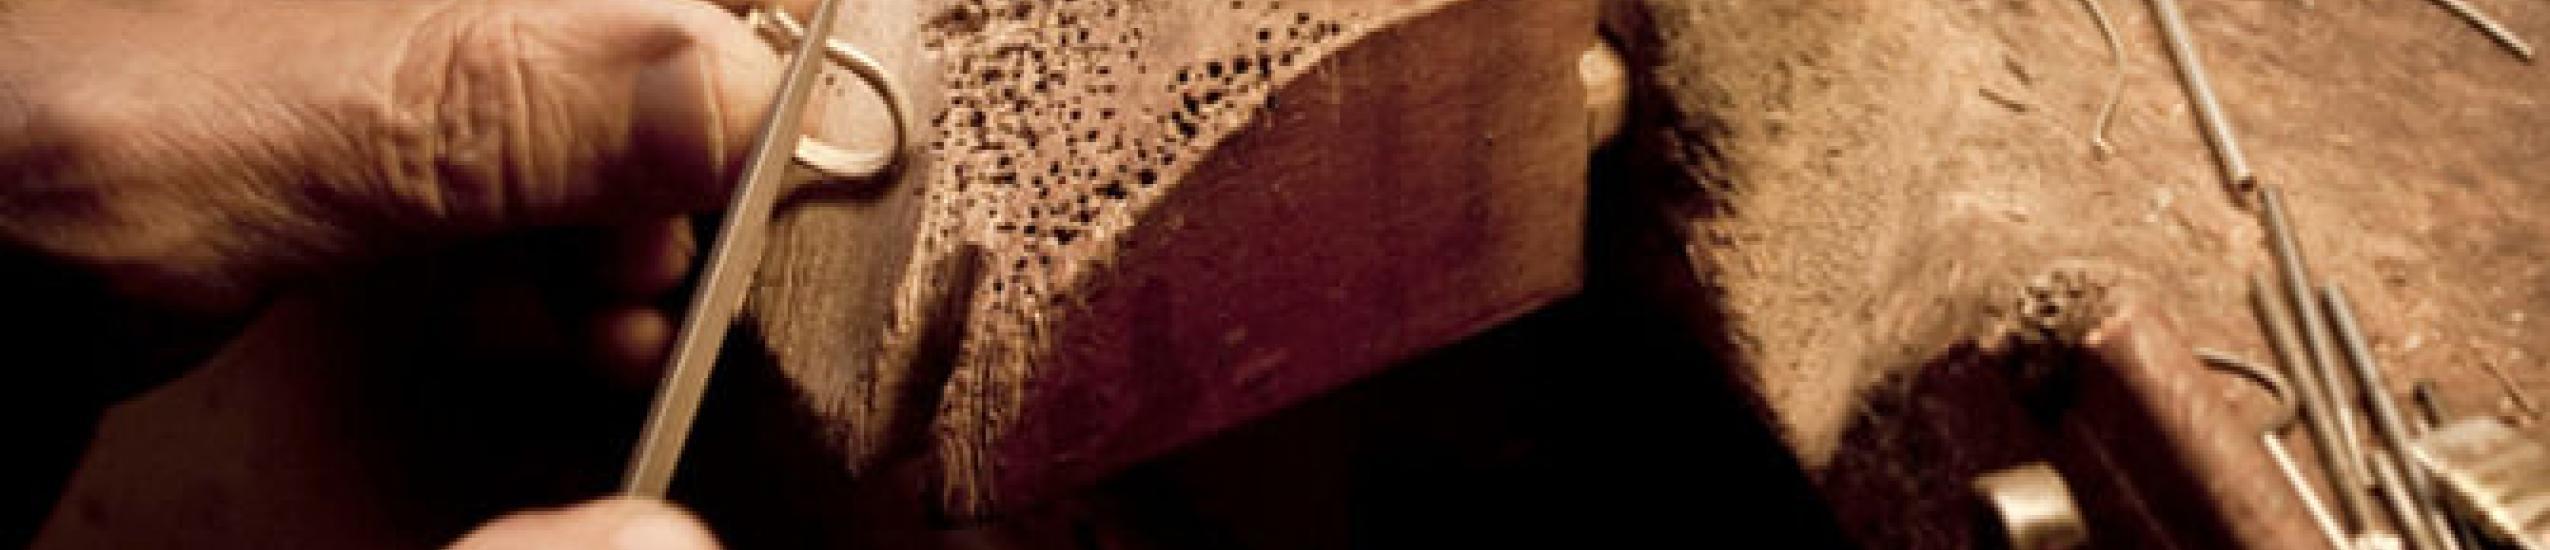 Operatore alle lavorazioni dell'oro, dei metalli preziosi o affini